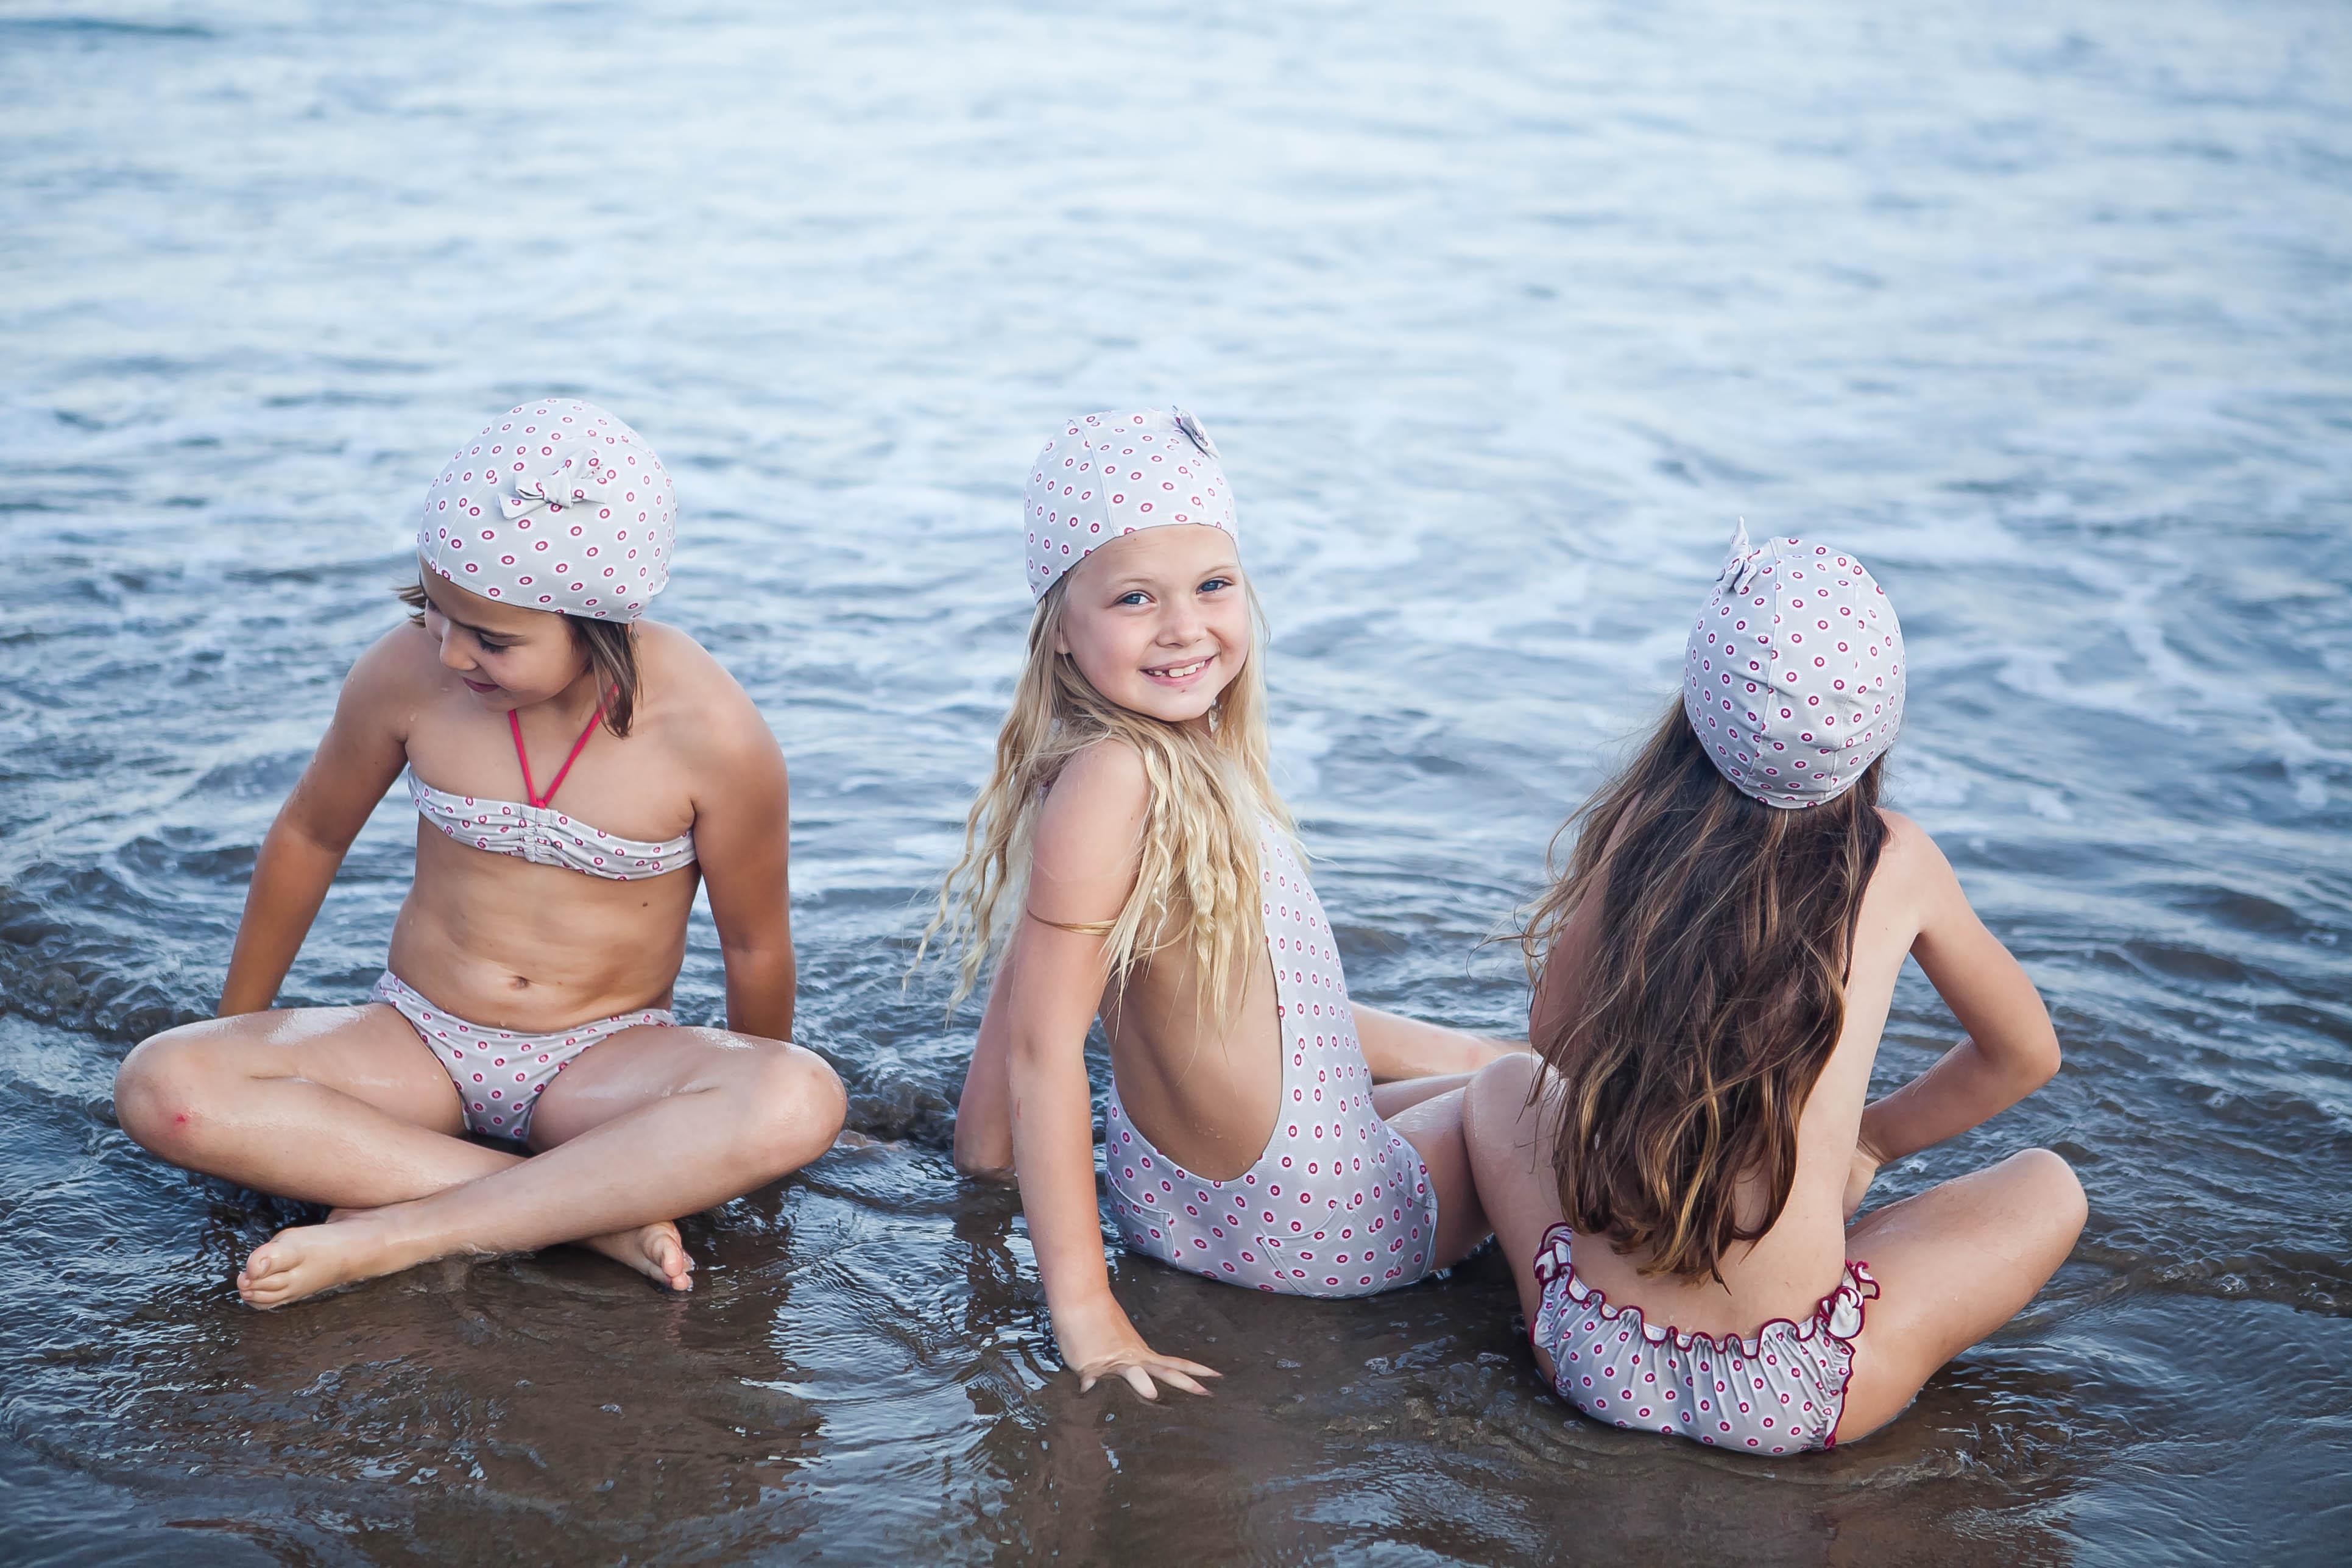 Ados jasmin en bikini